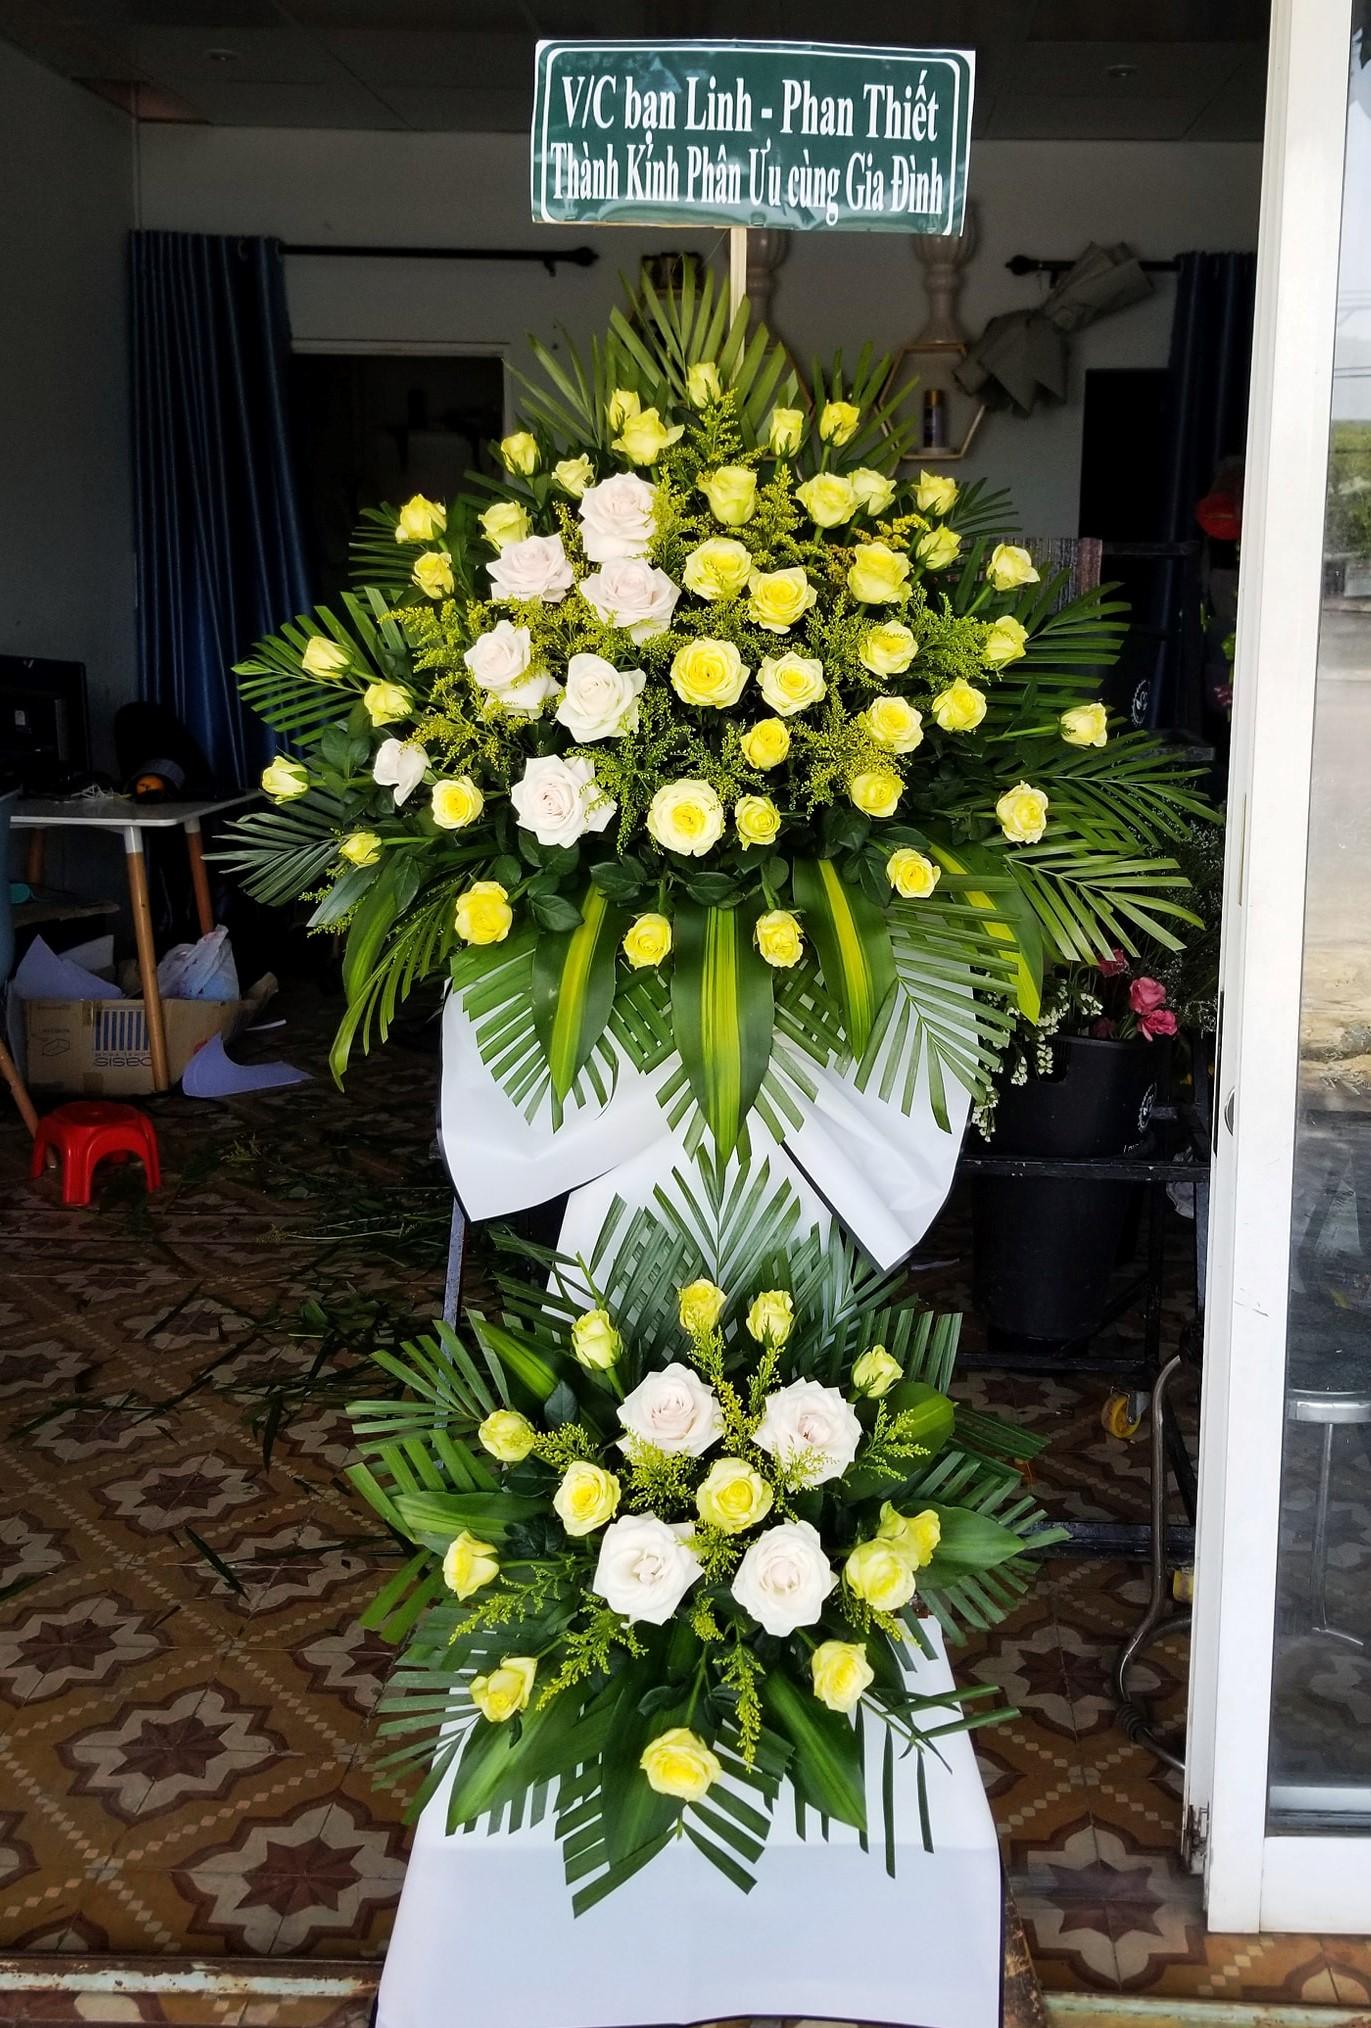 Gửi điện hoa thành phố Tam Kỳ